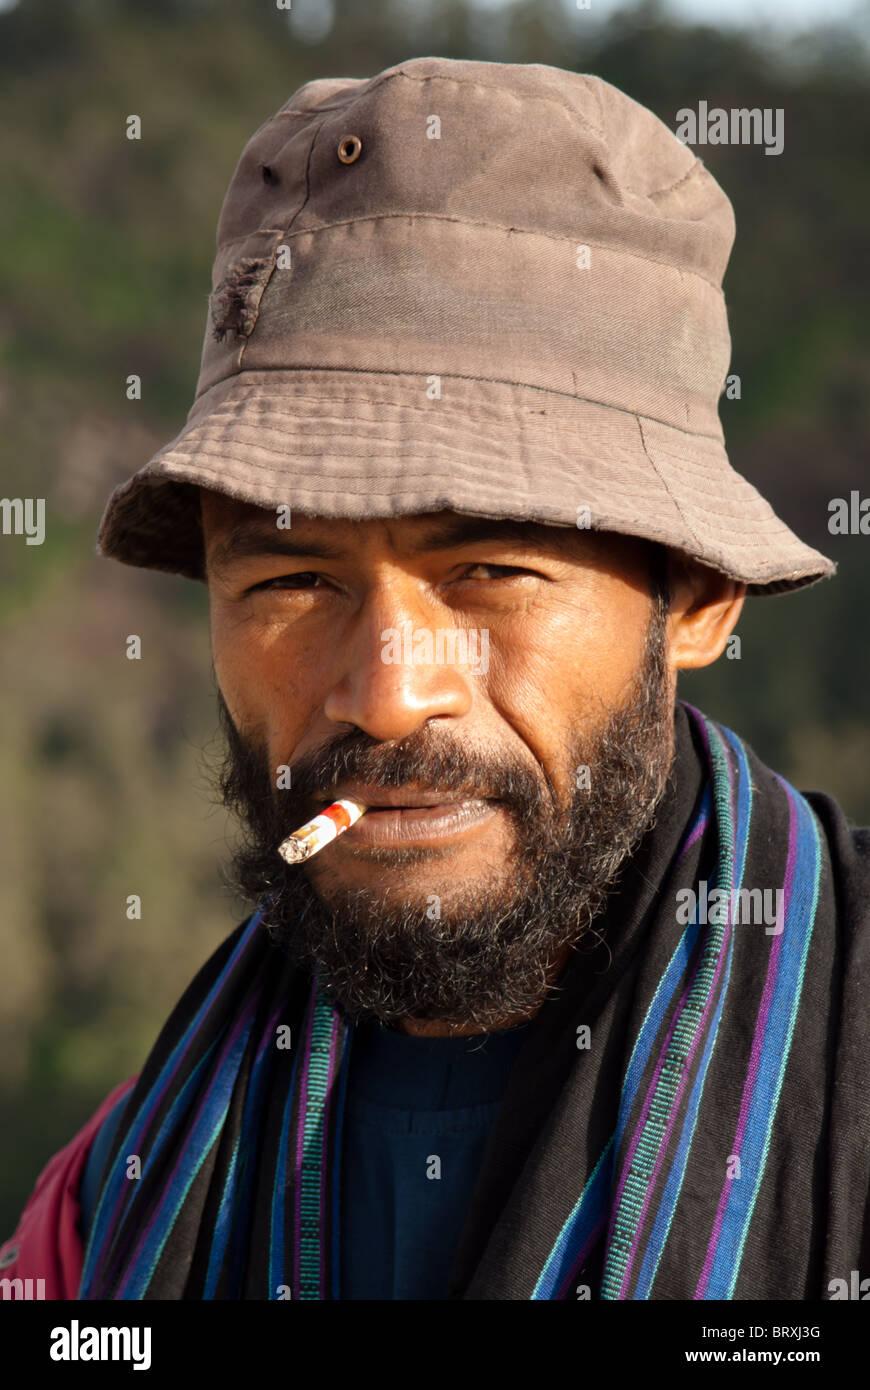 Retrato de feroz hombre indonesio, mirando a la cámara Imagen De Stock